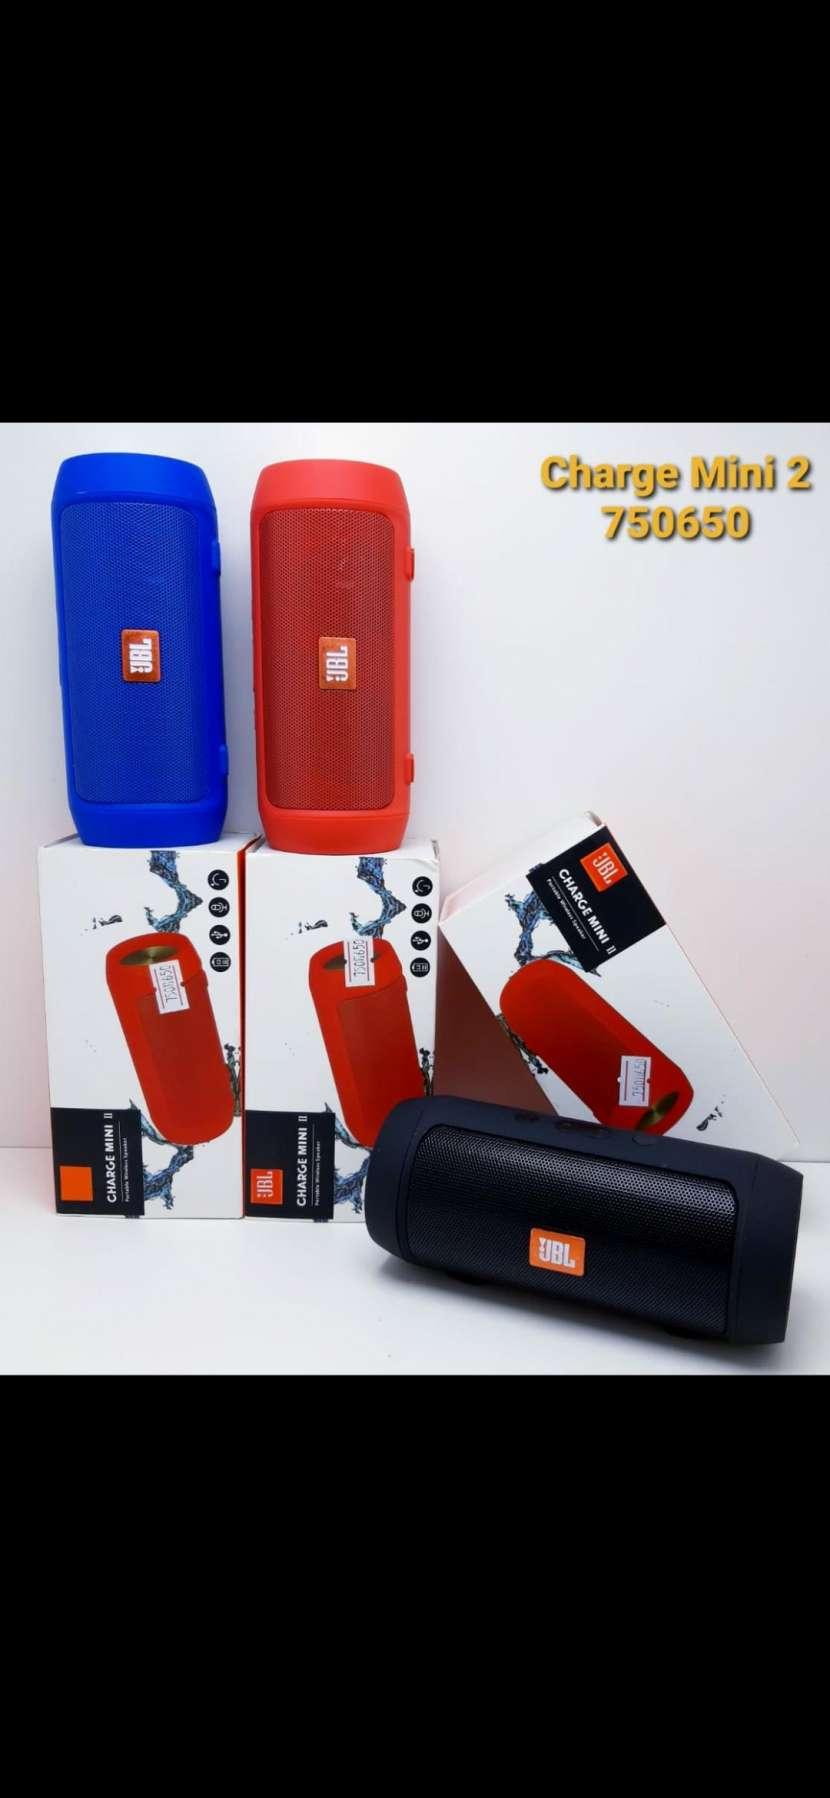 JBL Charge Mini 2 - 0